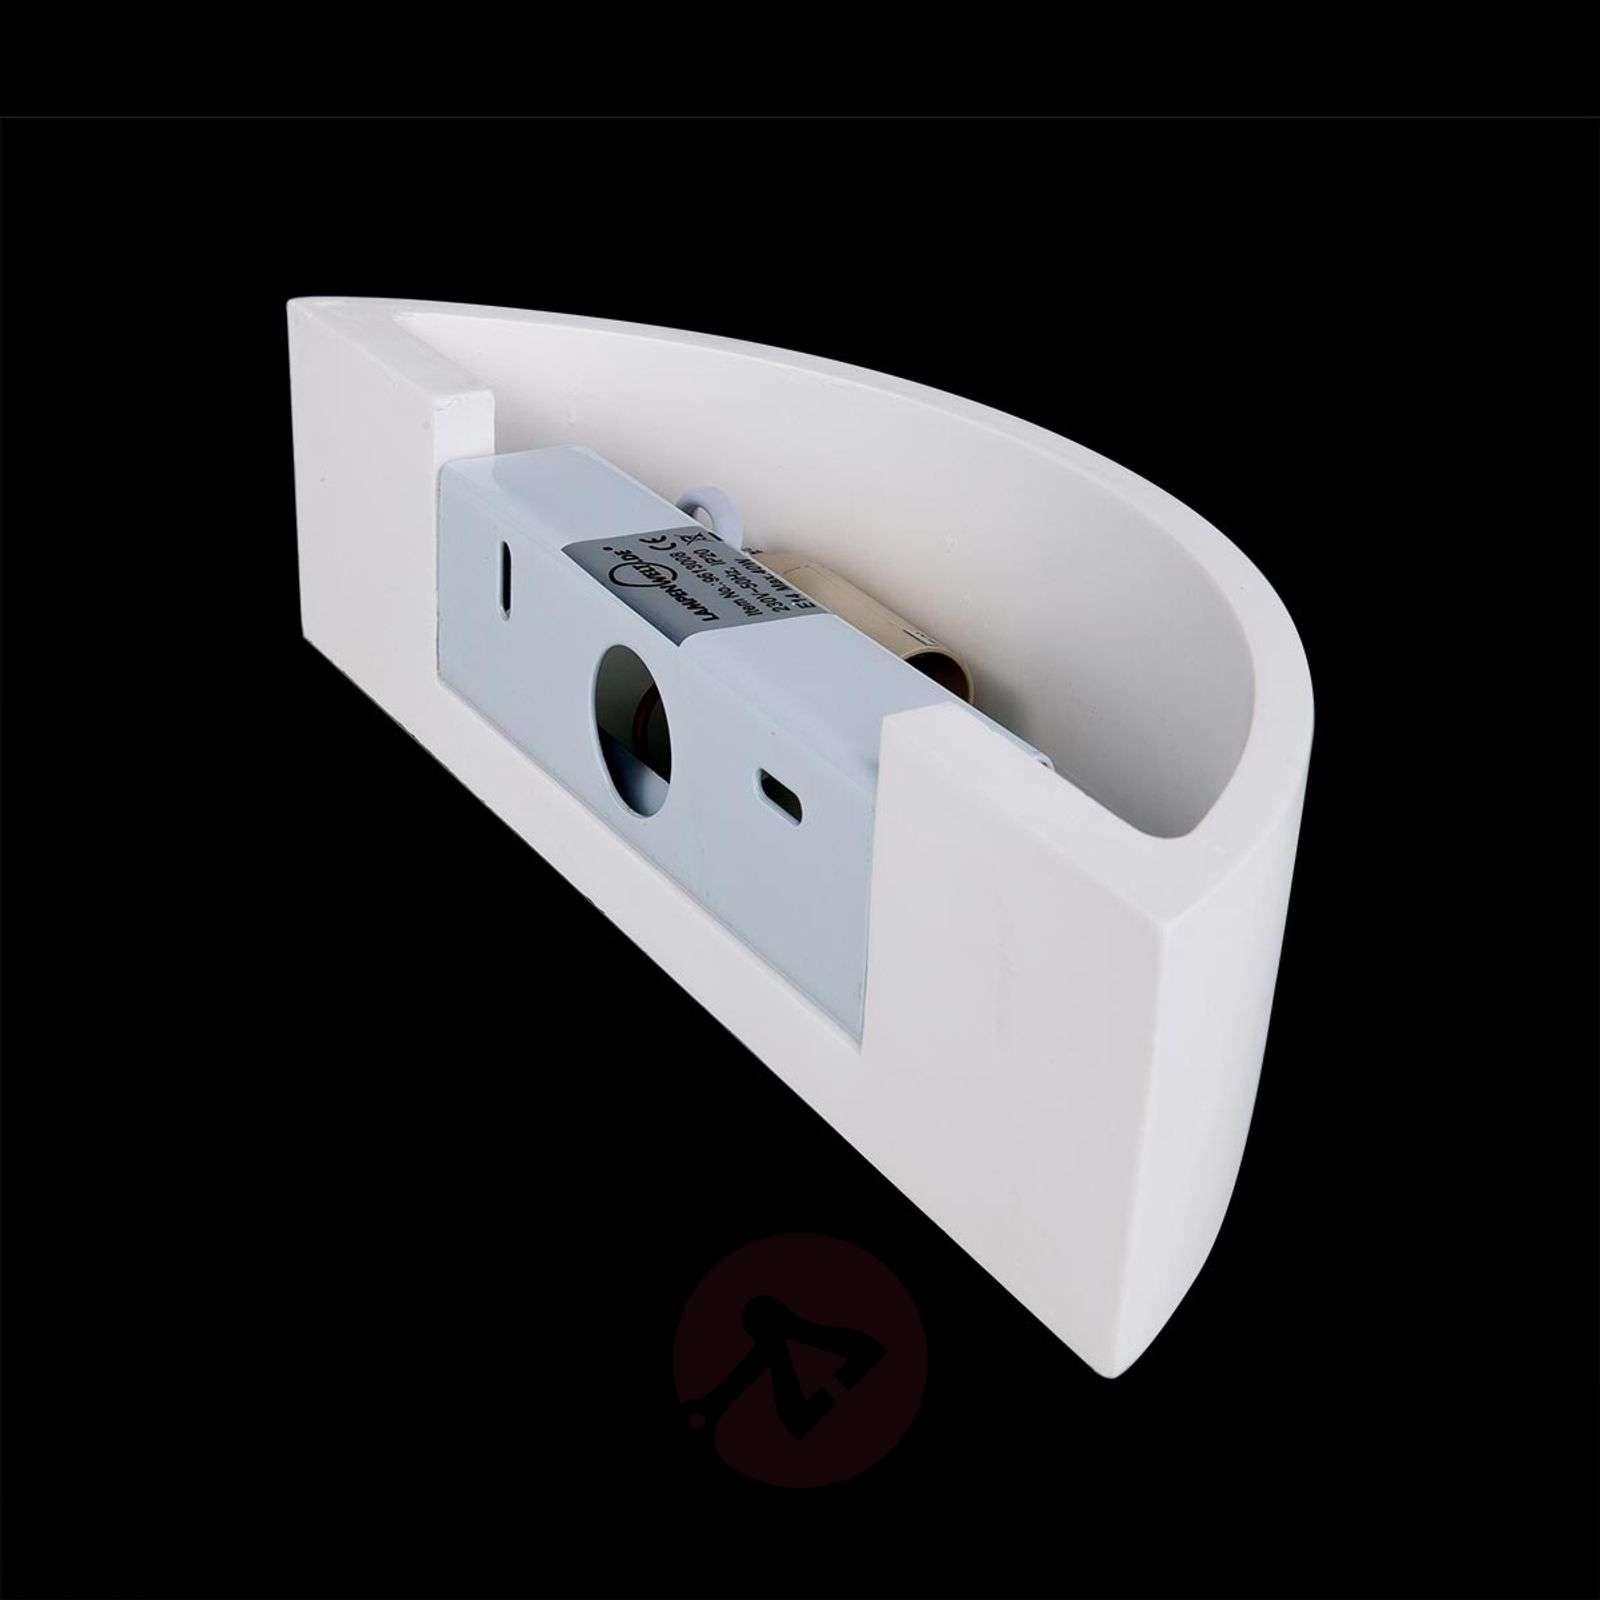 Kaareva Konstantin-seinävalaisin valkoinen kipsi-9613008-01